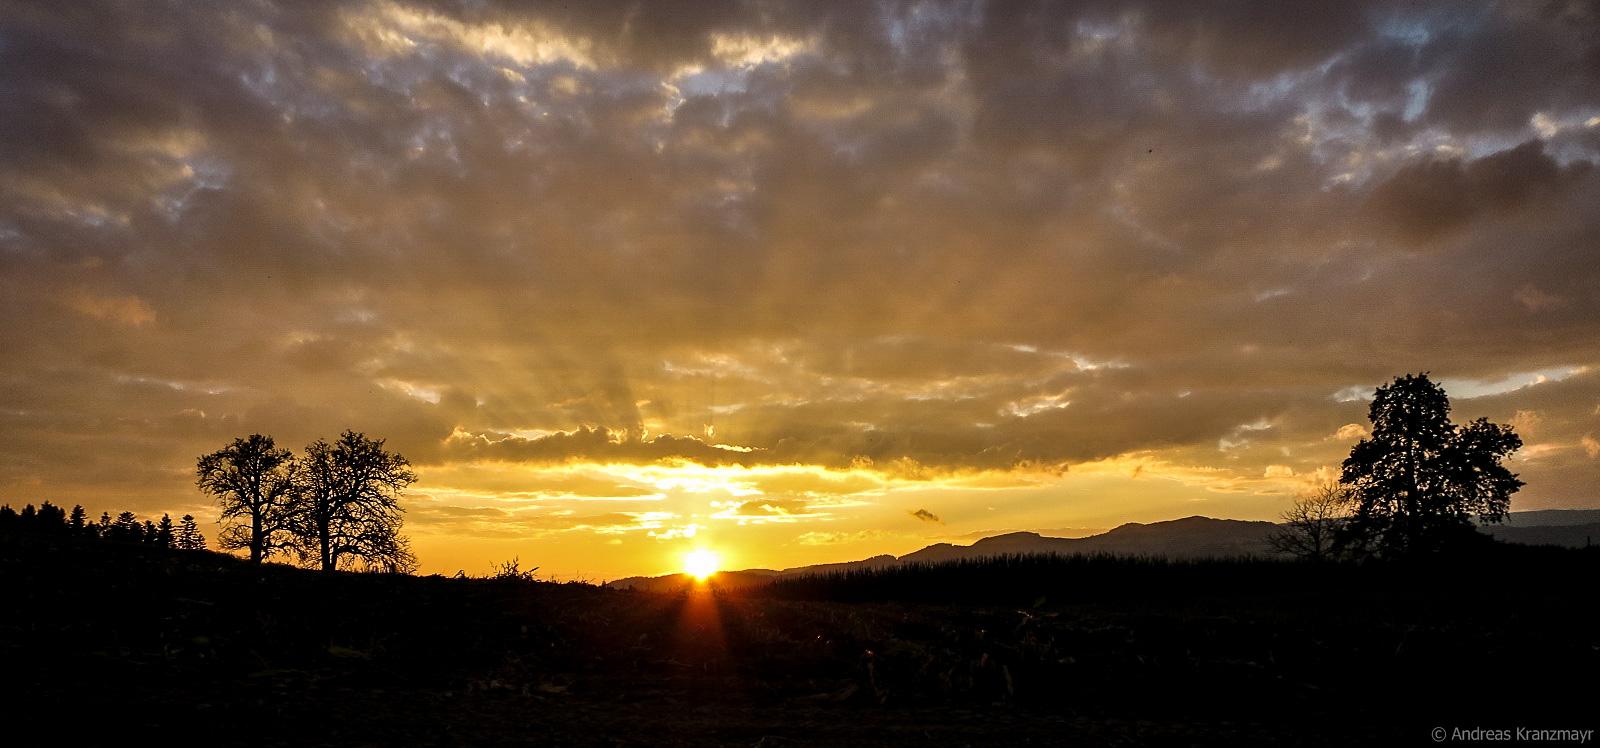 Am Ende einer Tagesetappe kann auch so ein schöner Sonnenuntergang auf einen warten